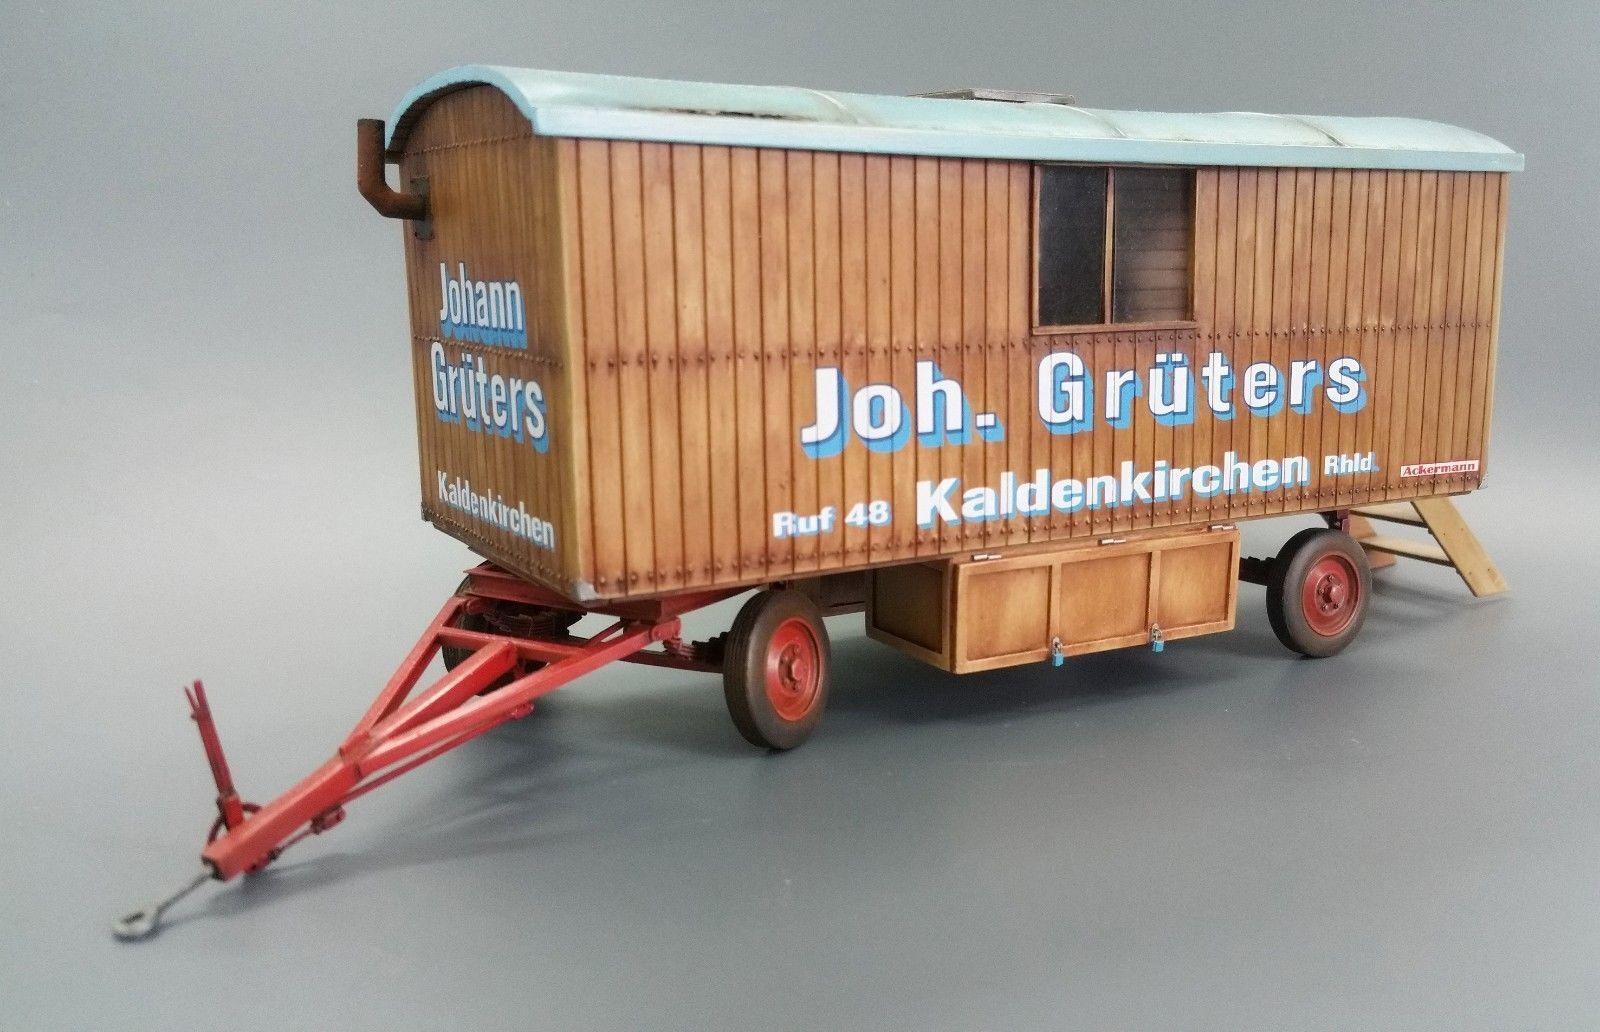 Plus modellllerl bilavan byggnad bil Tjärnväger Diorama hkonsts Kit Kit 1 3 5 konst 504